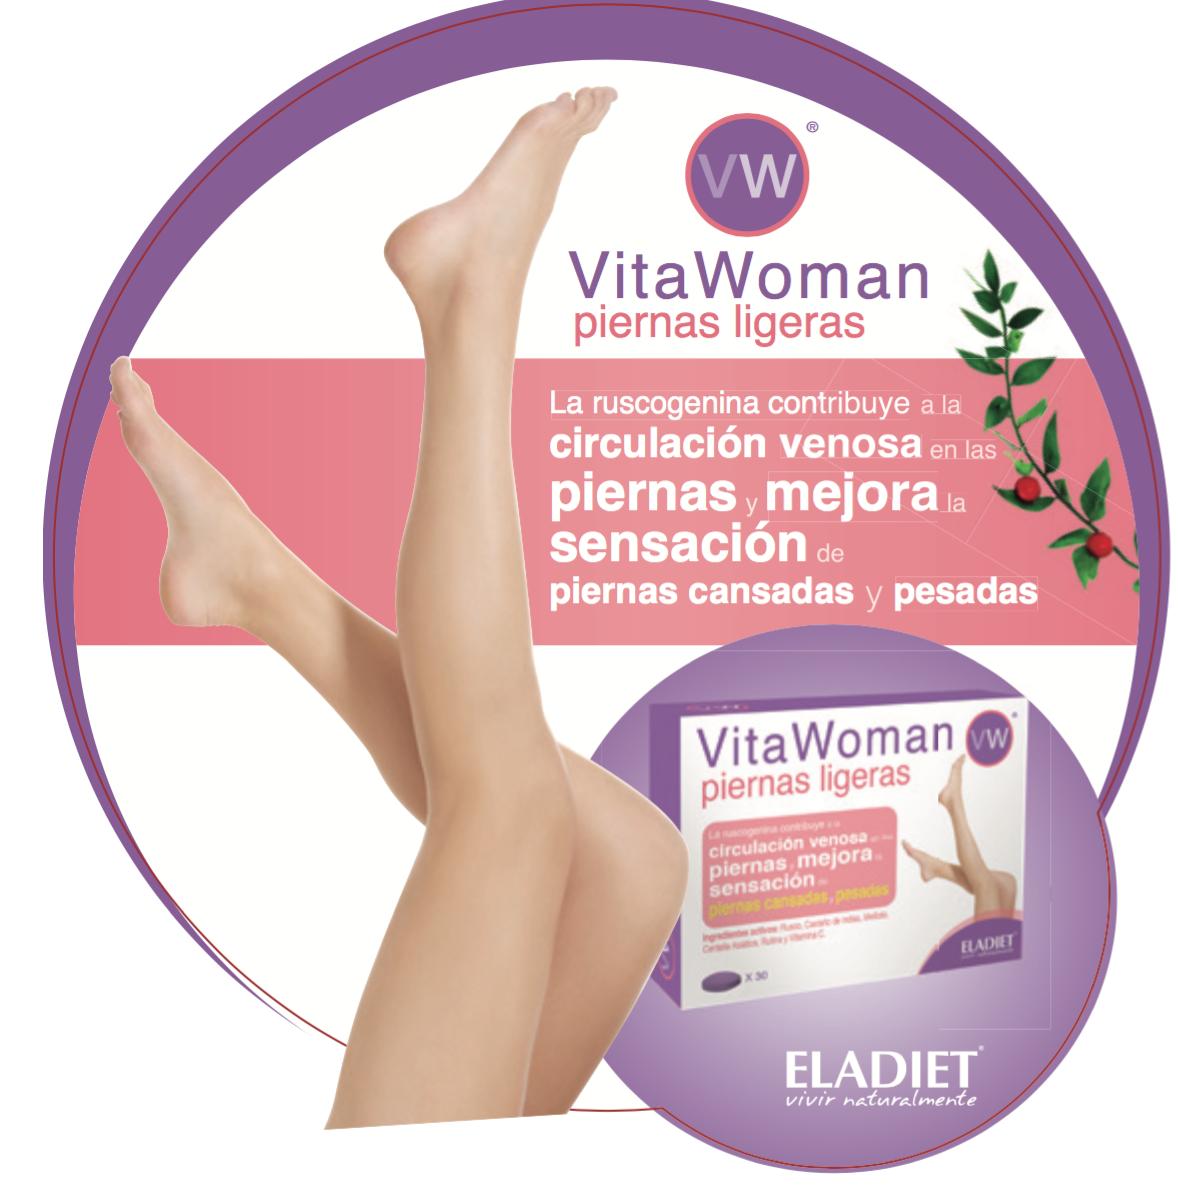 vita-woman-piernas-ligeras.png